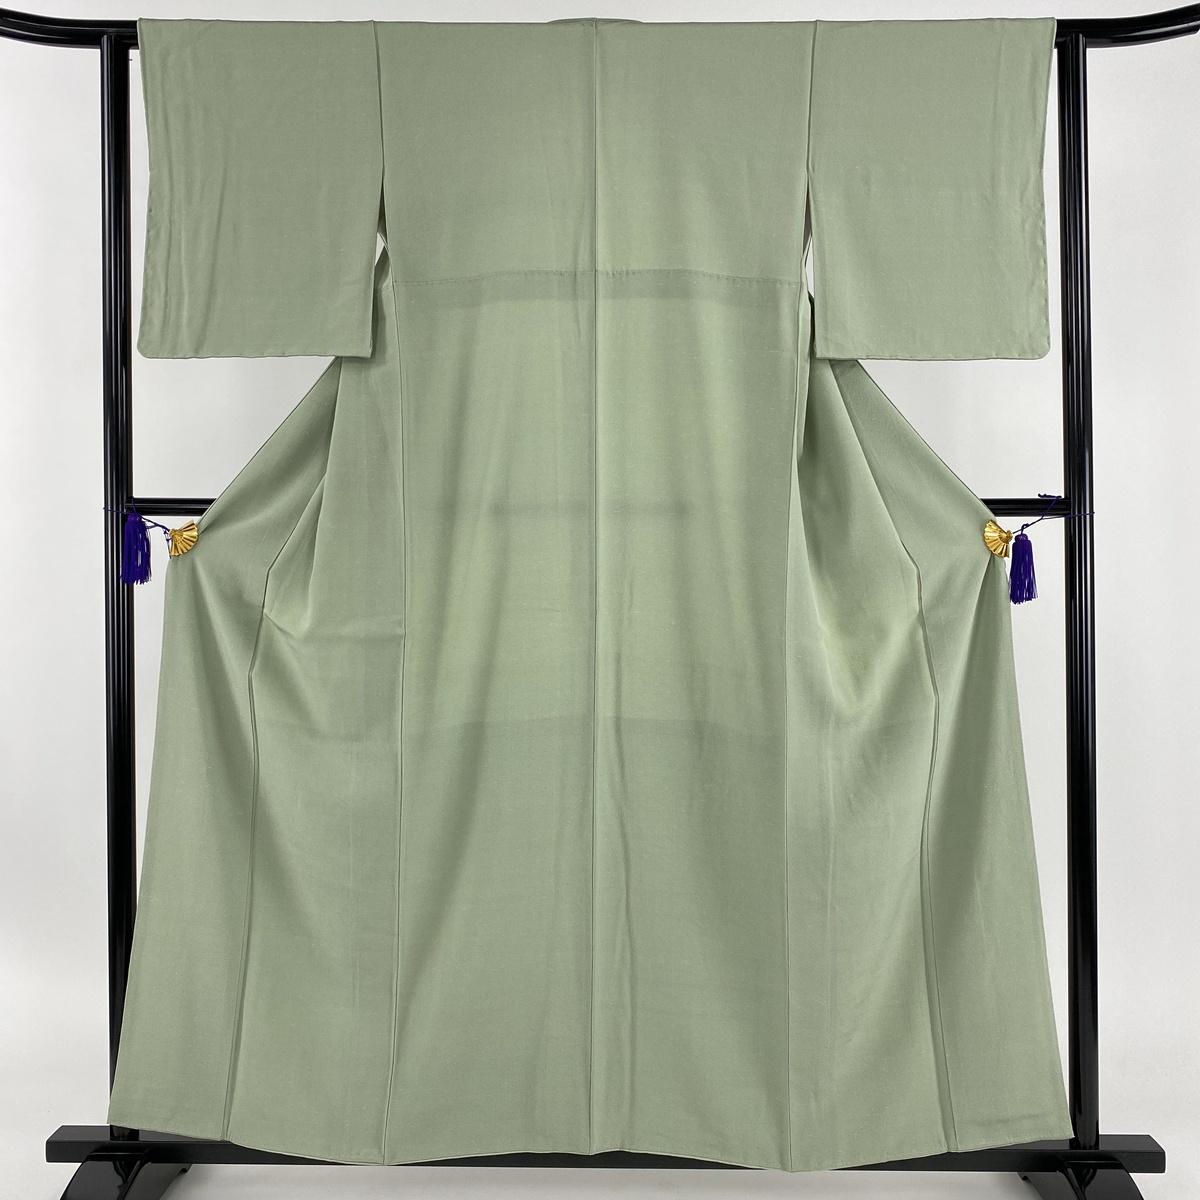 色無地 美品 秀品 薄緑 袷 身丈157.5cm 裄丈61cm S 正絹 【中古】